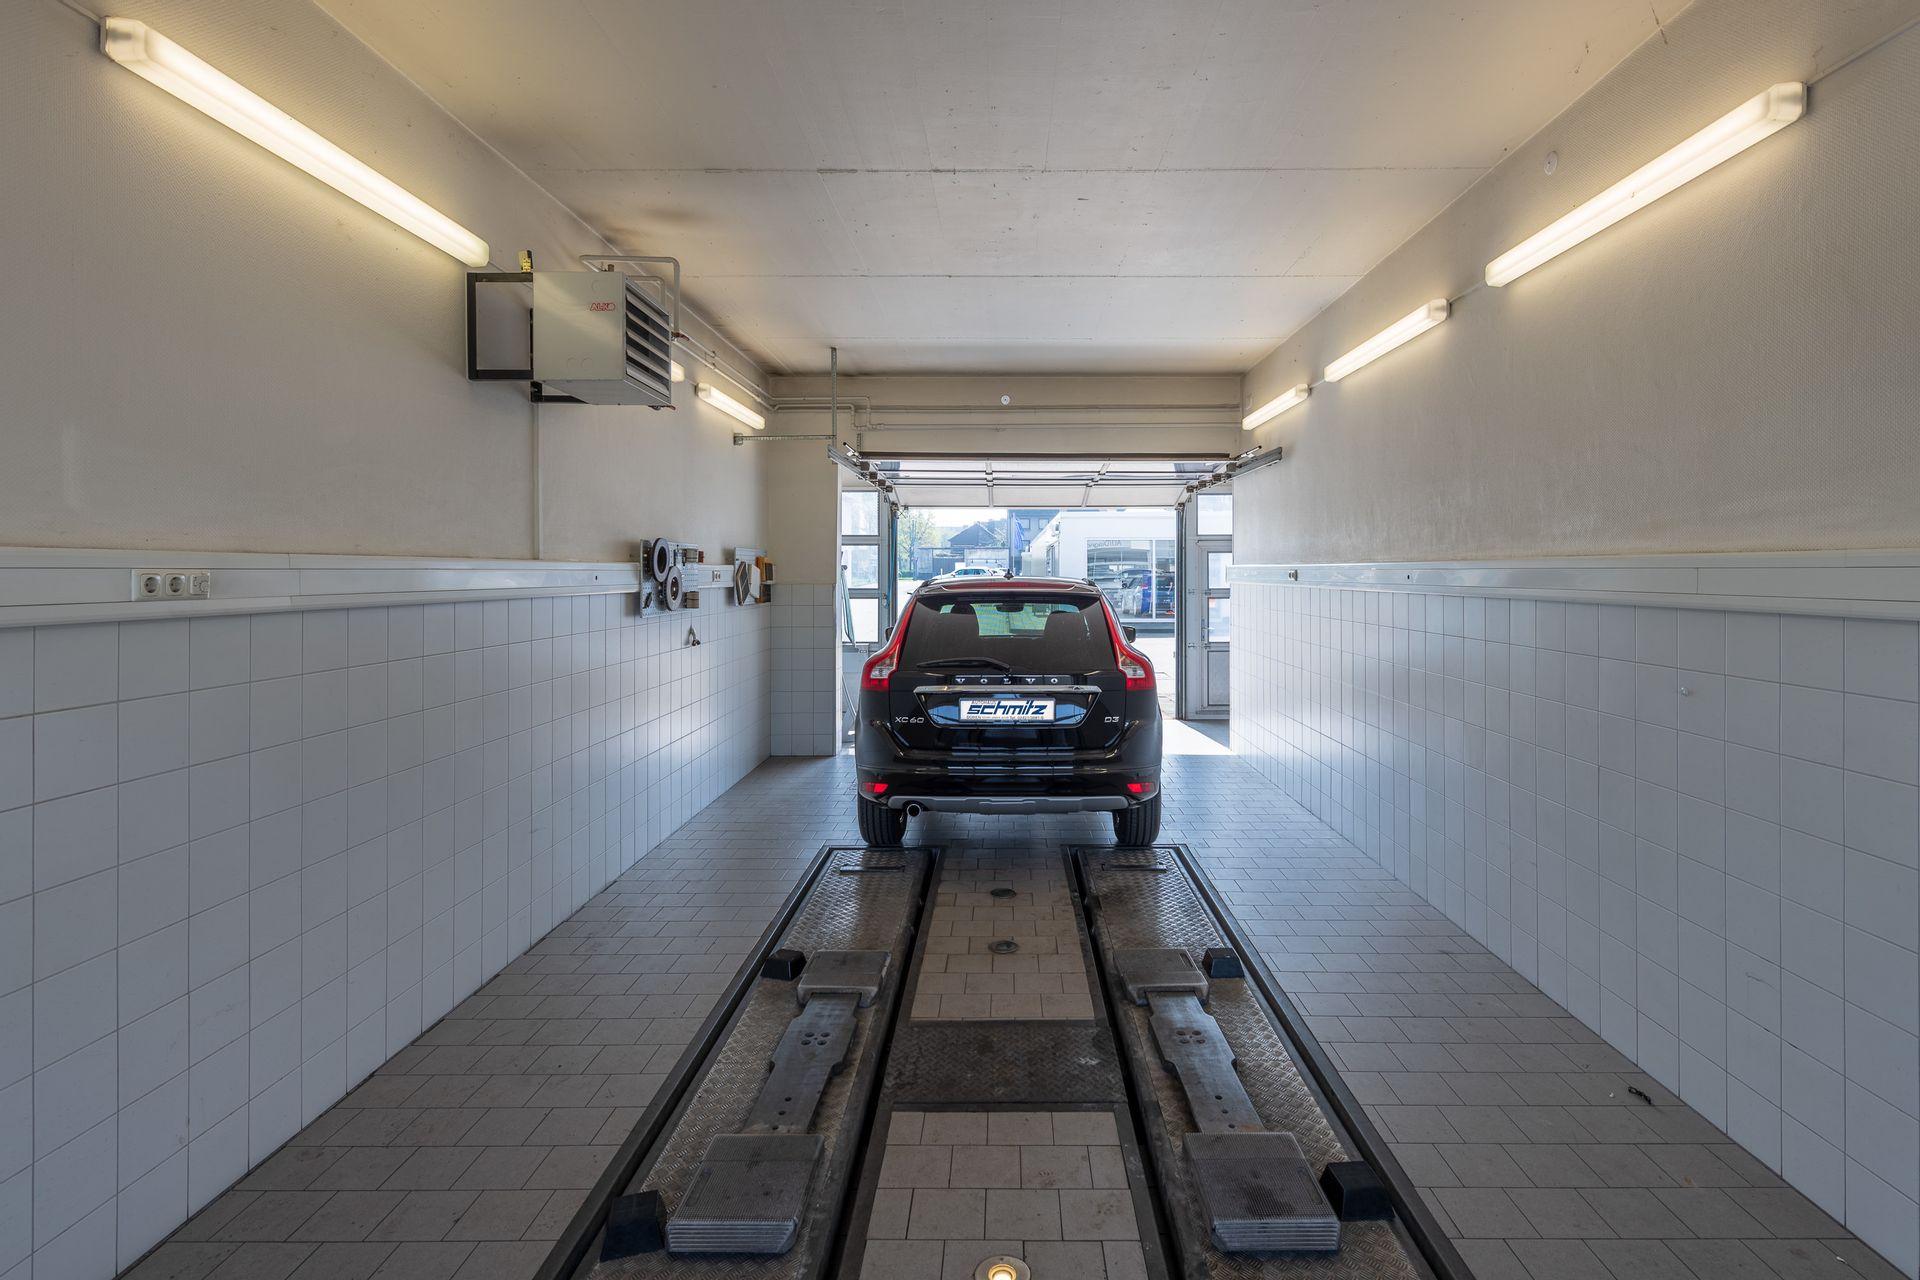 VOLVO SERVICE - Service | Autohaus Schmitz